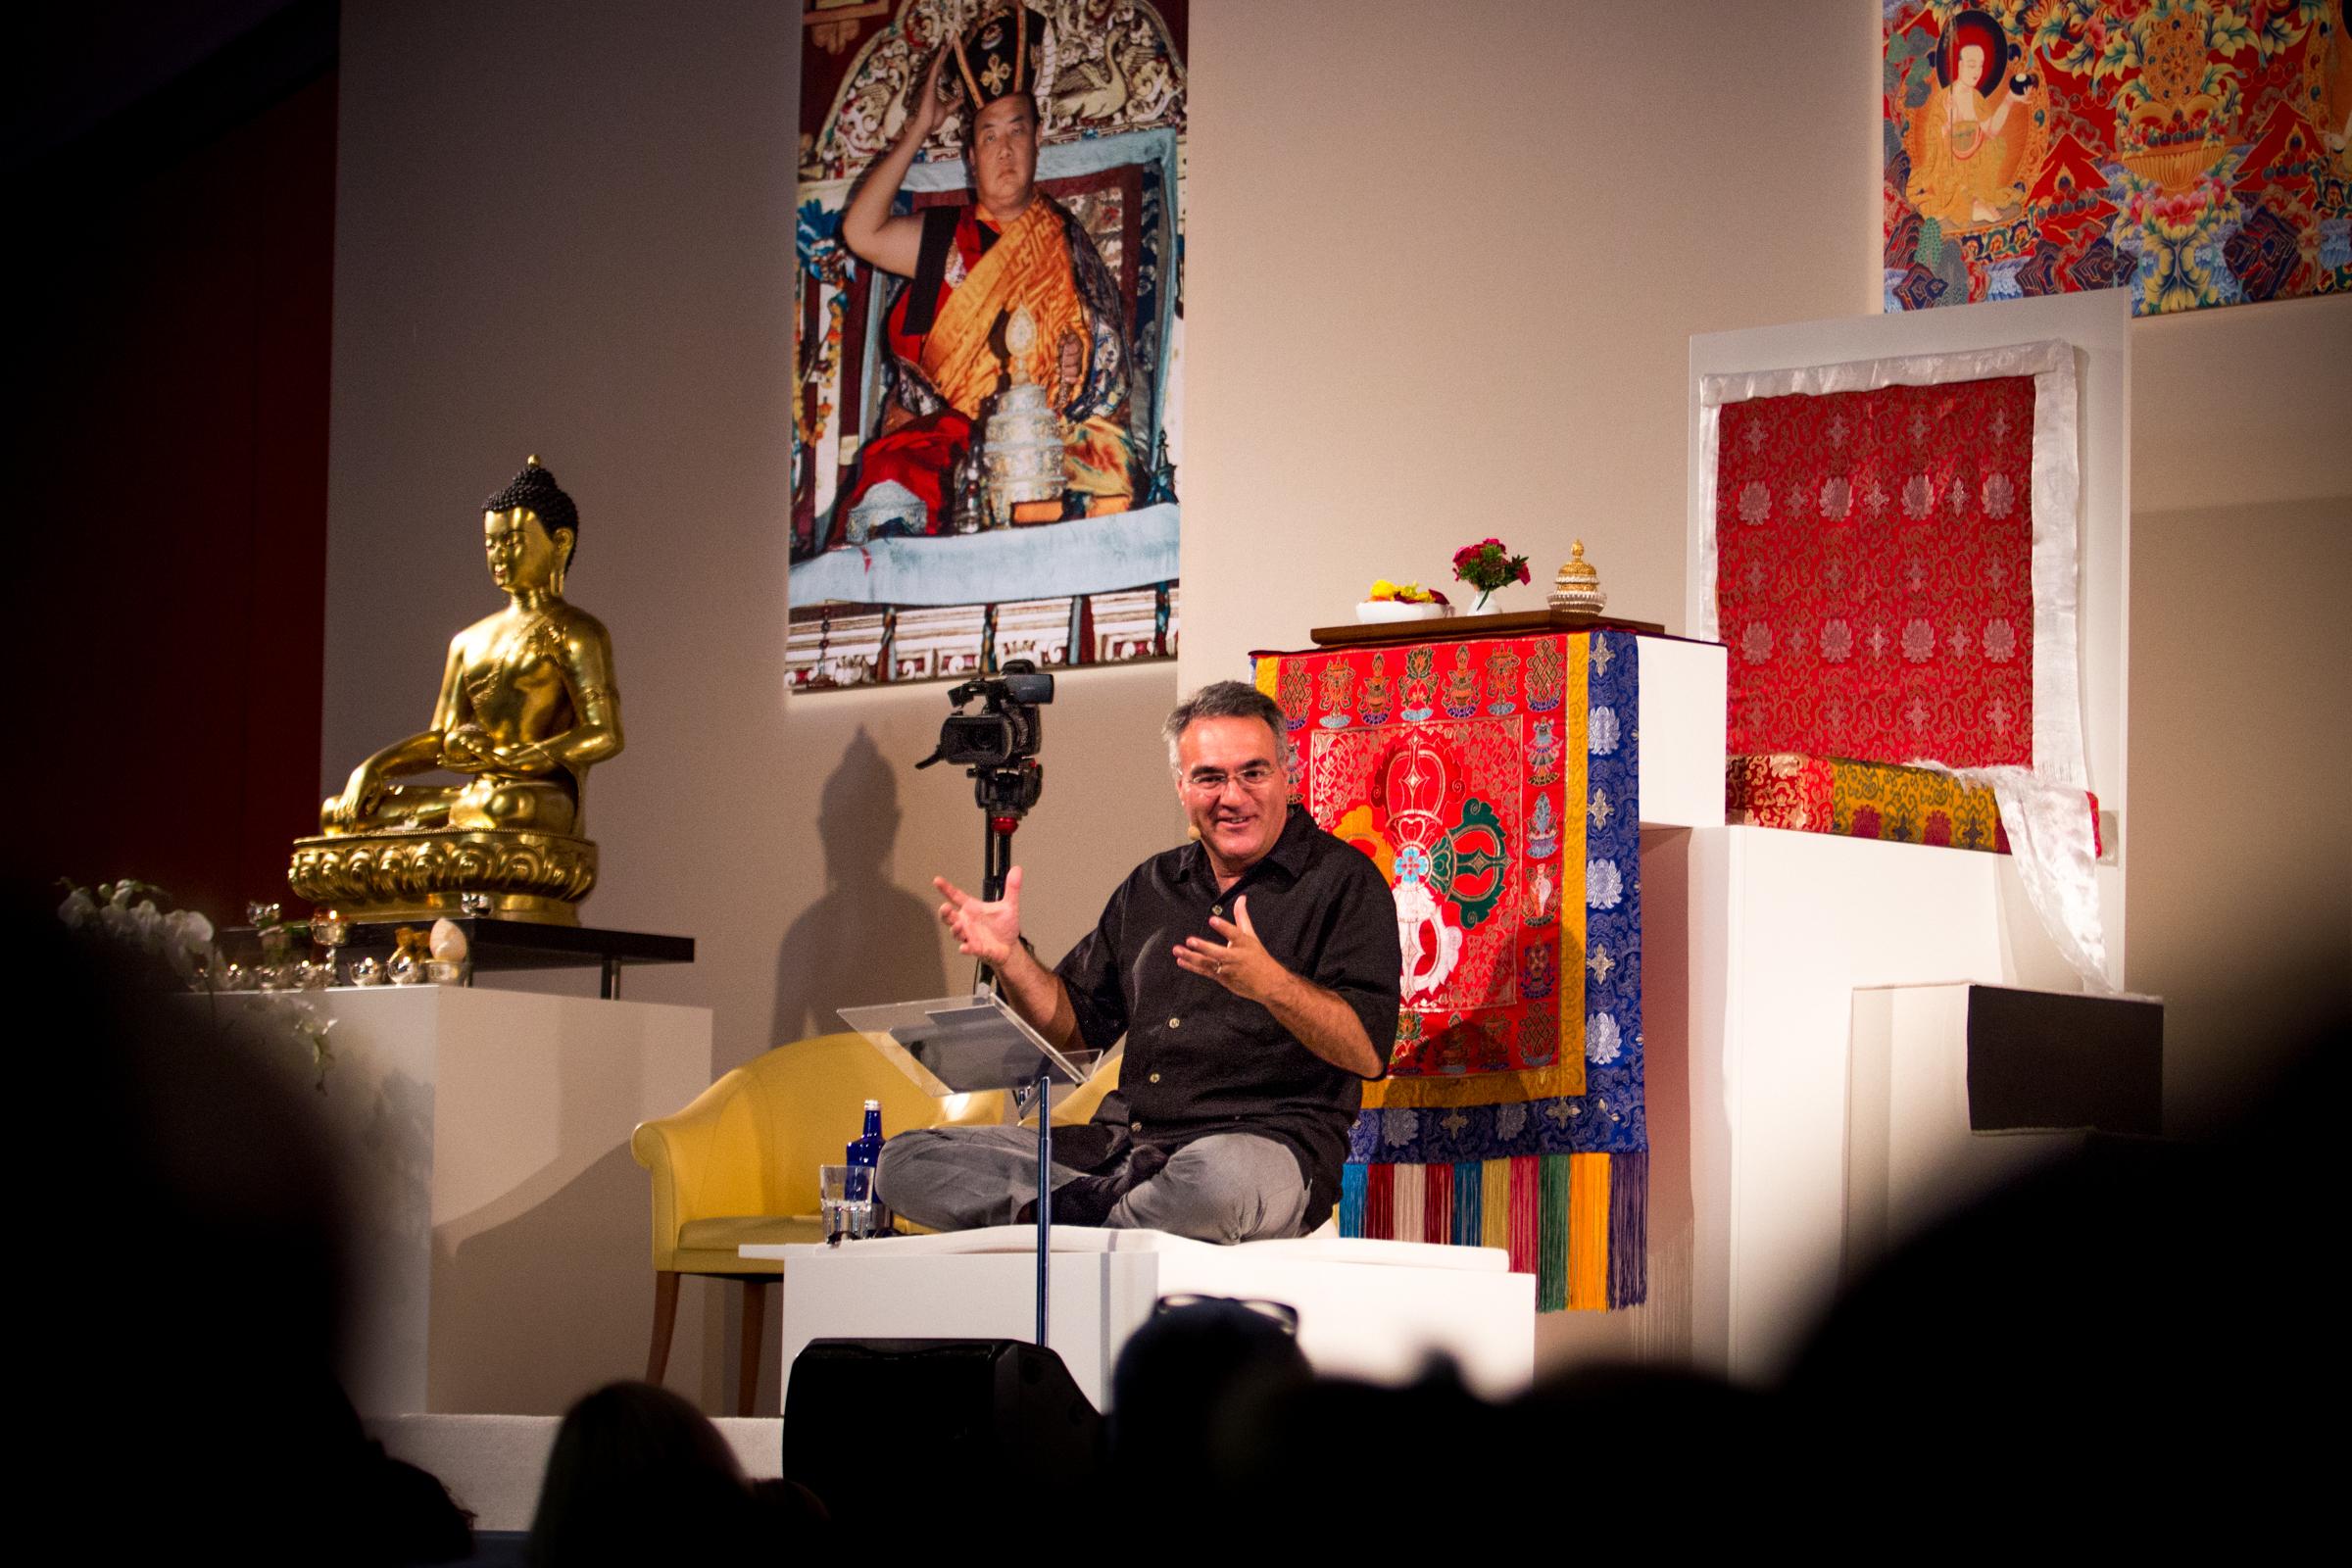 Hablemos de espiritualidad con lama Tony Karam